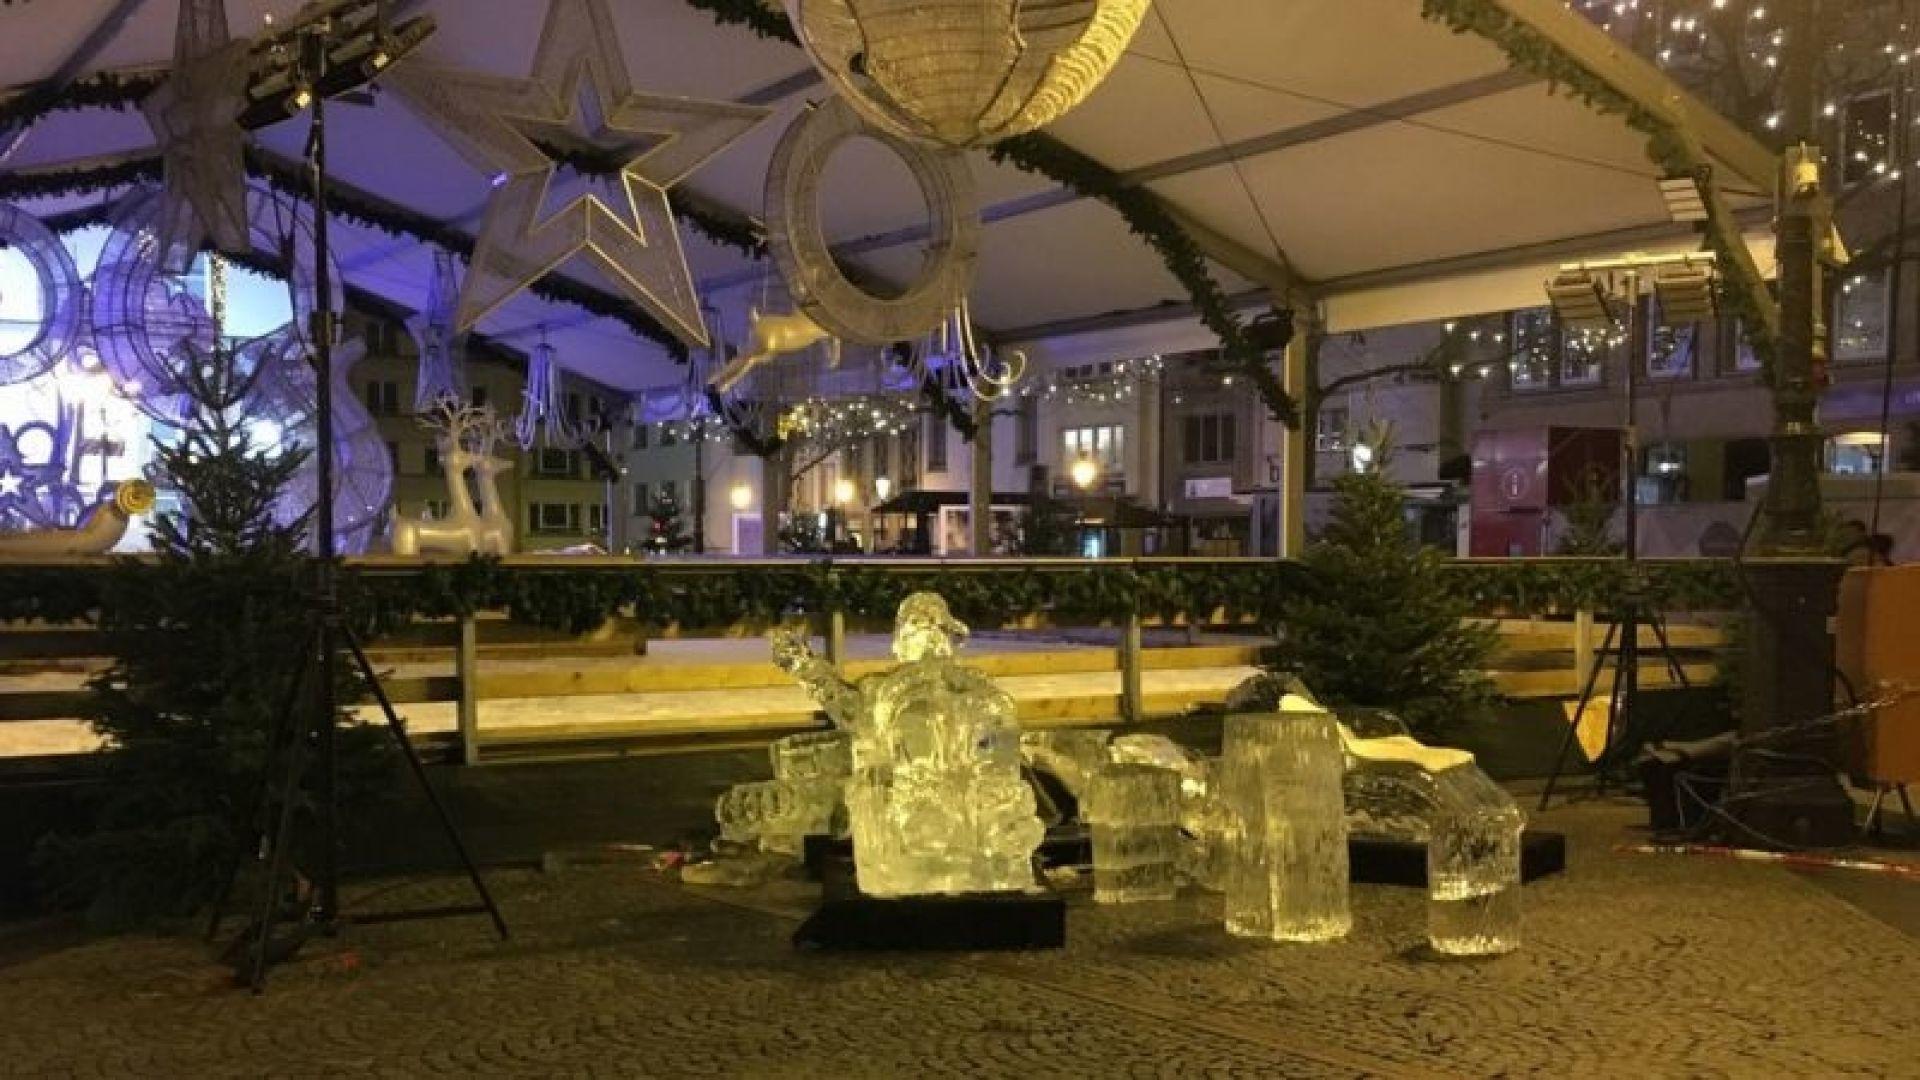 Дете загина при инцидент на коледния базар в Люксембург